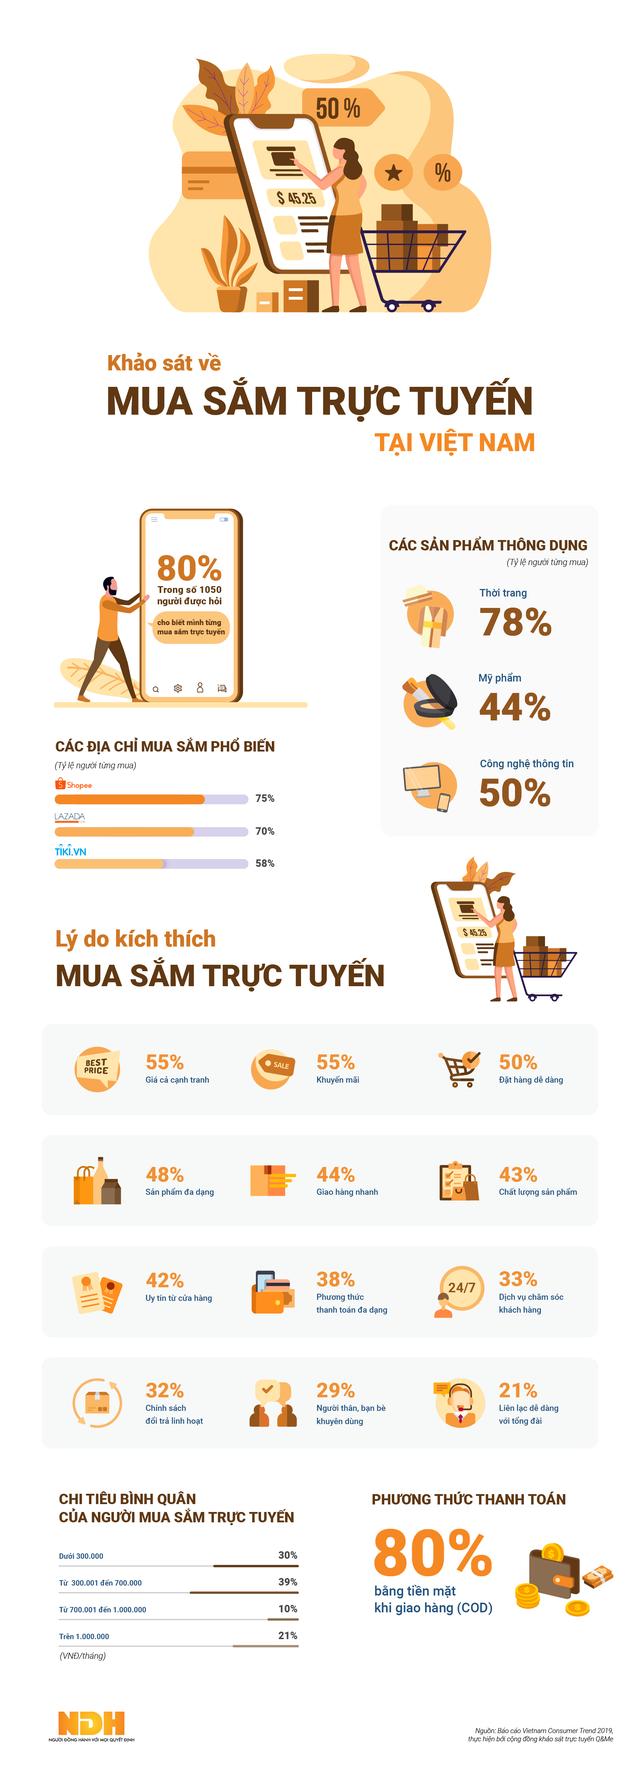 Người Việt chi bao nhiêu tiền để mua sắm trực tuyến? - Ảnh 1.